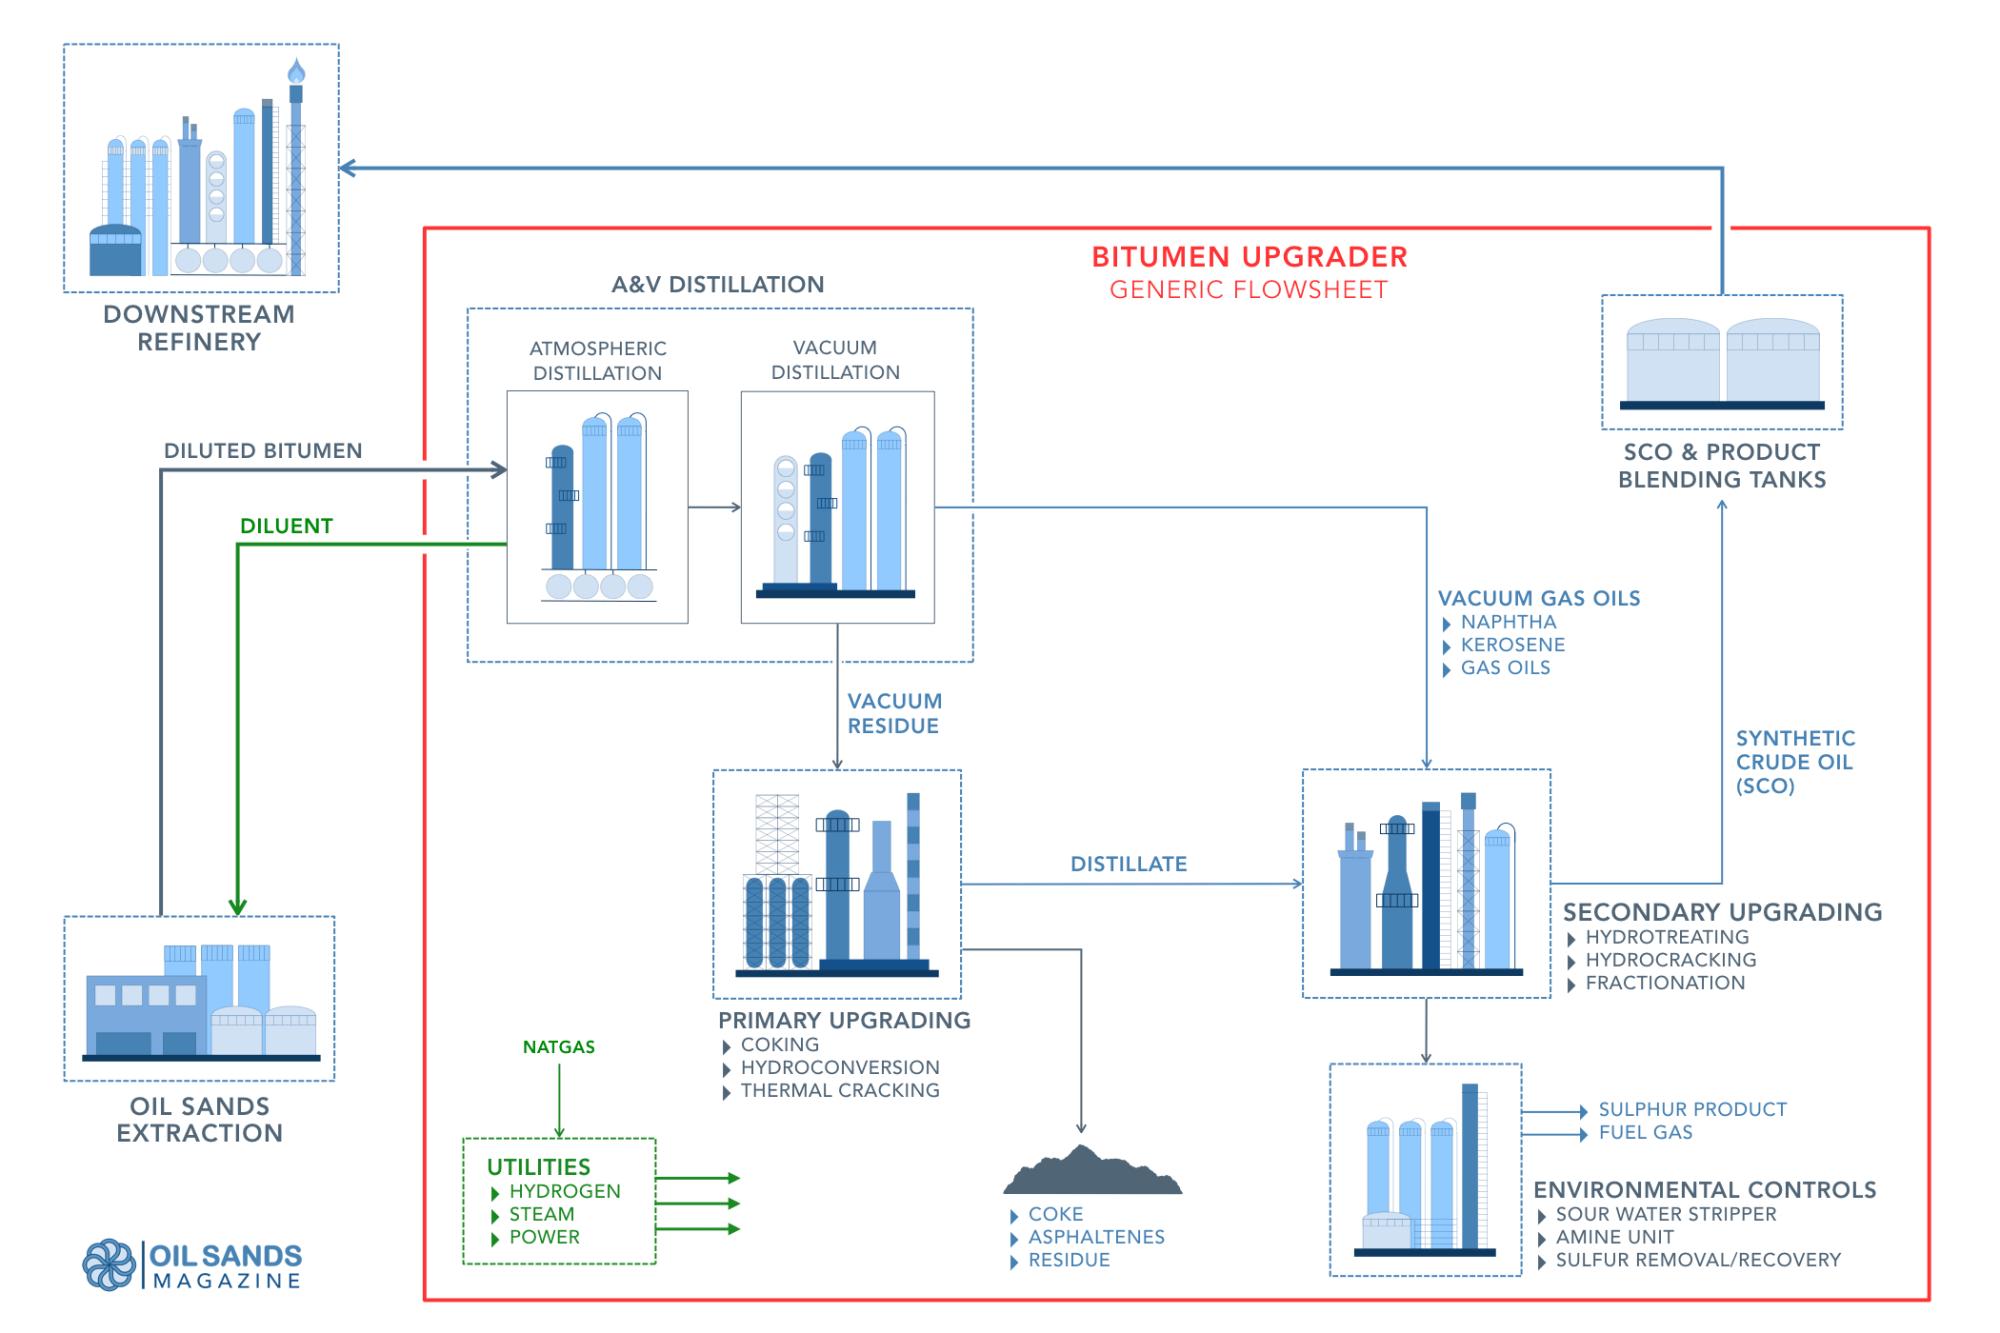 hight resolution of oil sands bitumen upgrader